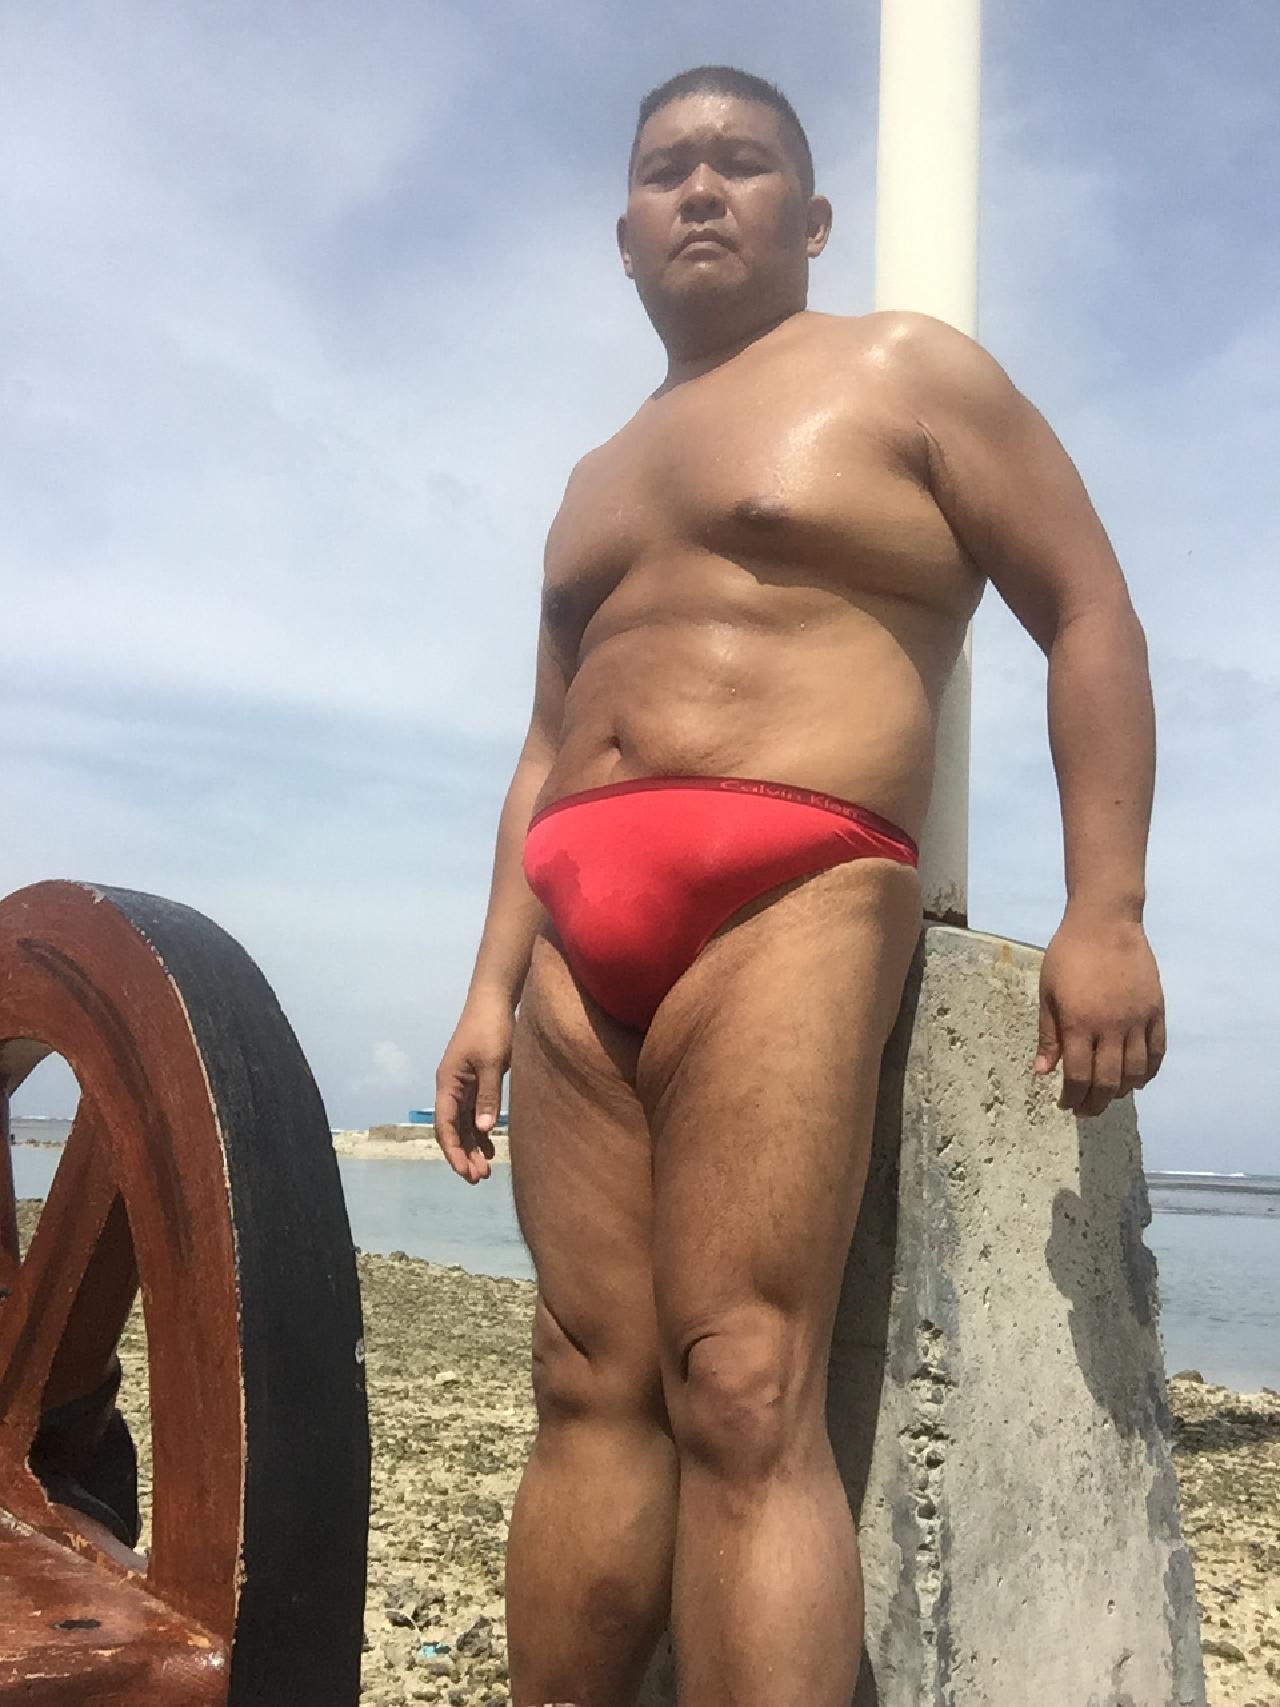 Bikini sun bather (178/218)